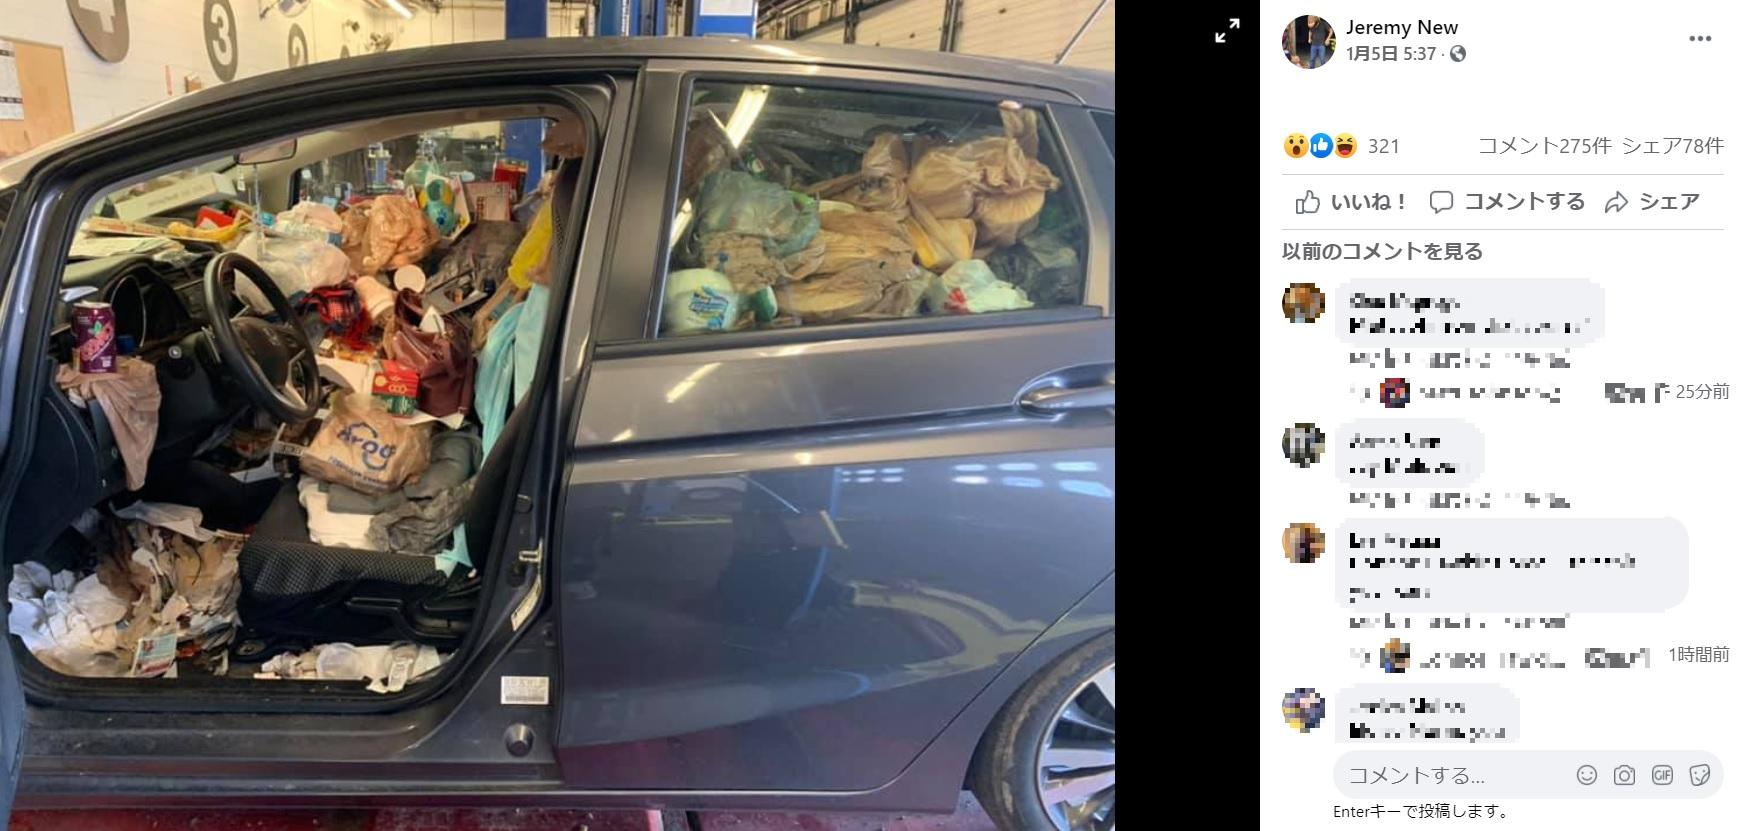 運転席にはみ出すほどのゴミの山(画像は『Jeremy New 2021年1月5日付Facebook「Can't even make this up.」』のスクリーンショット)